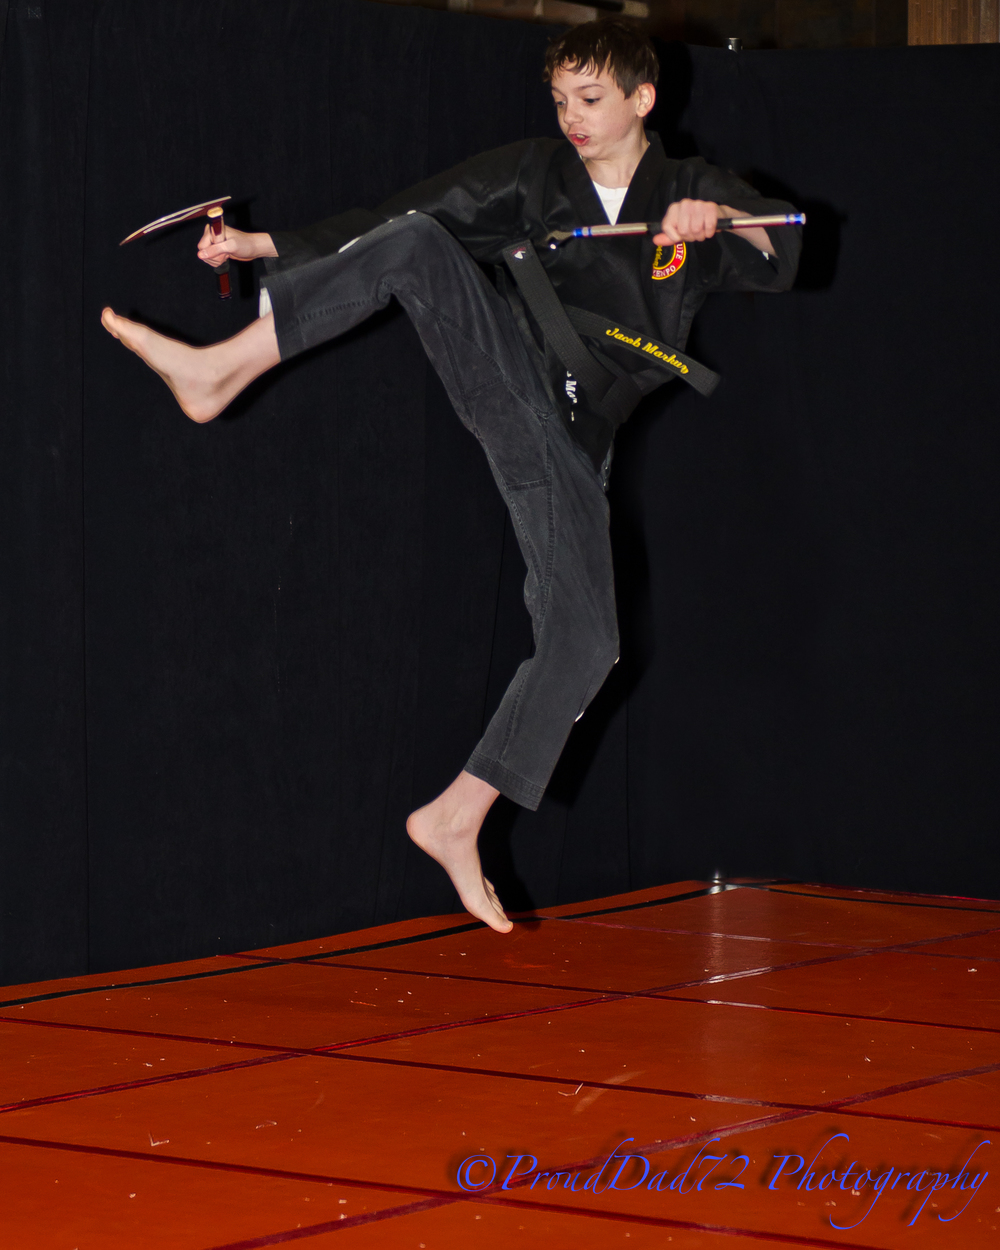 karate1-21-2012-43.jpg